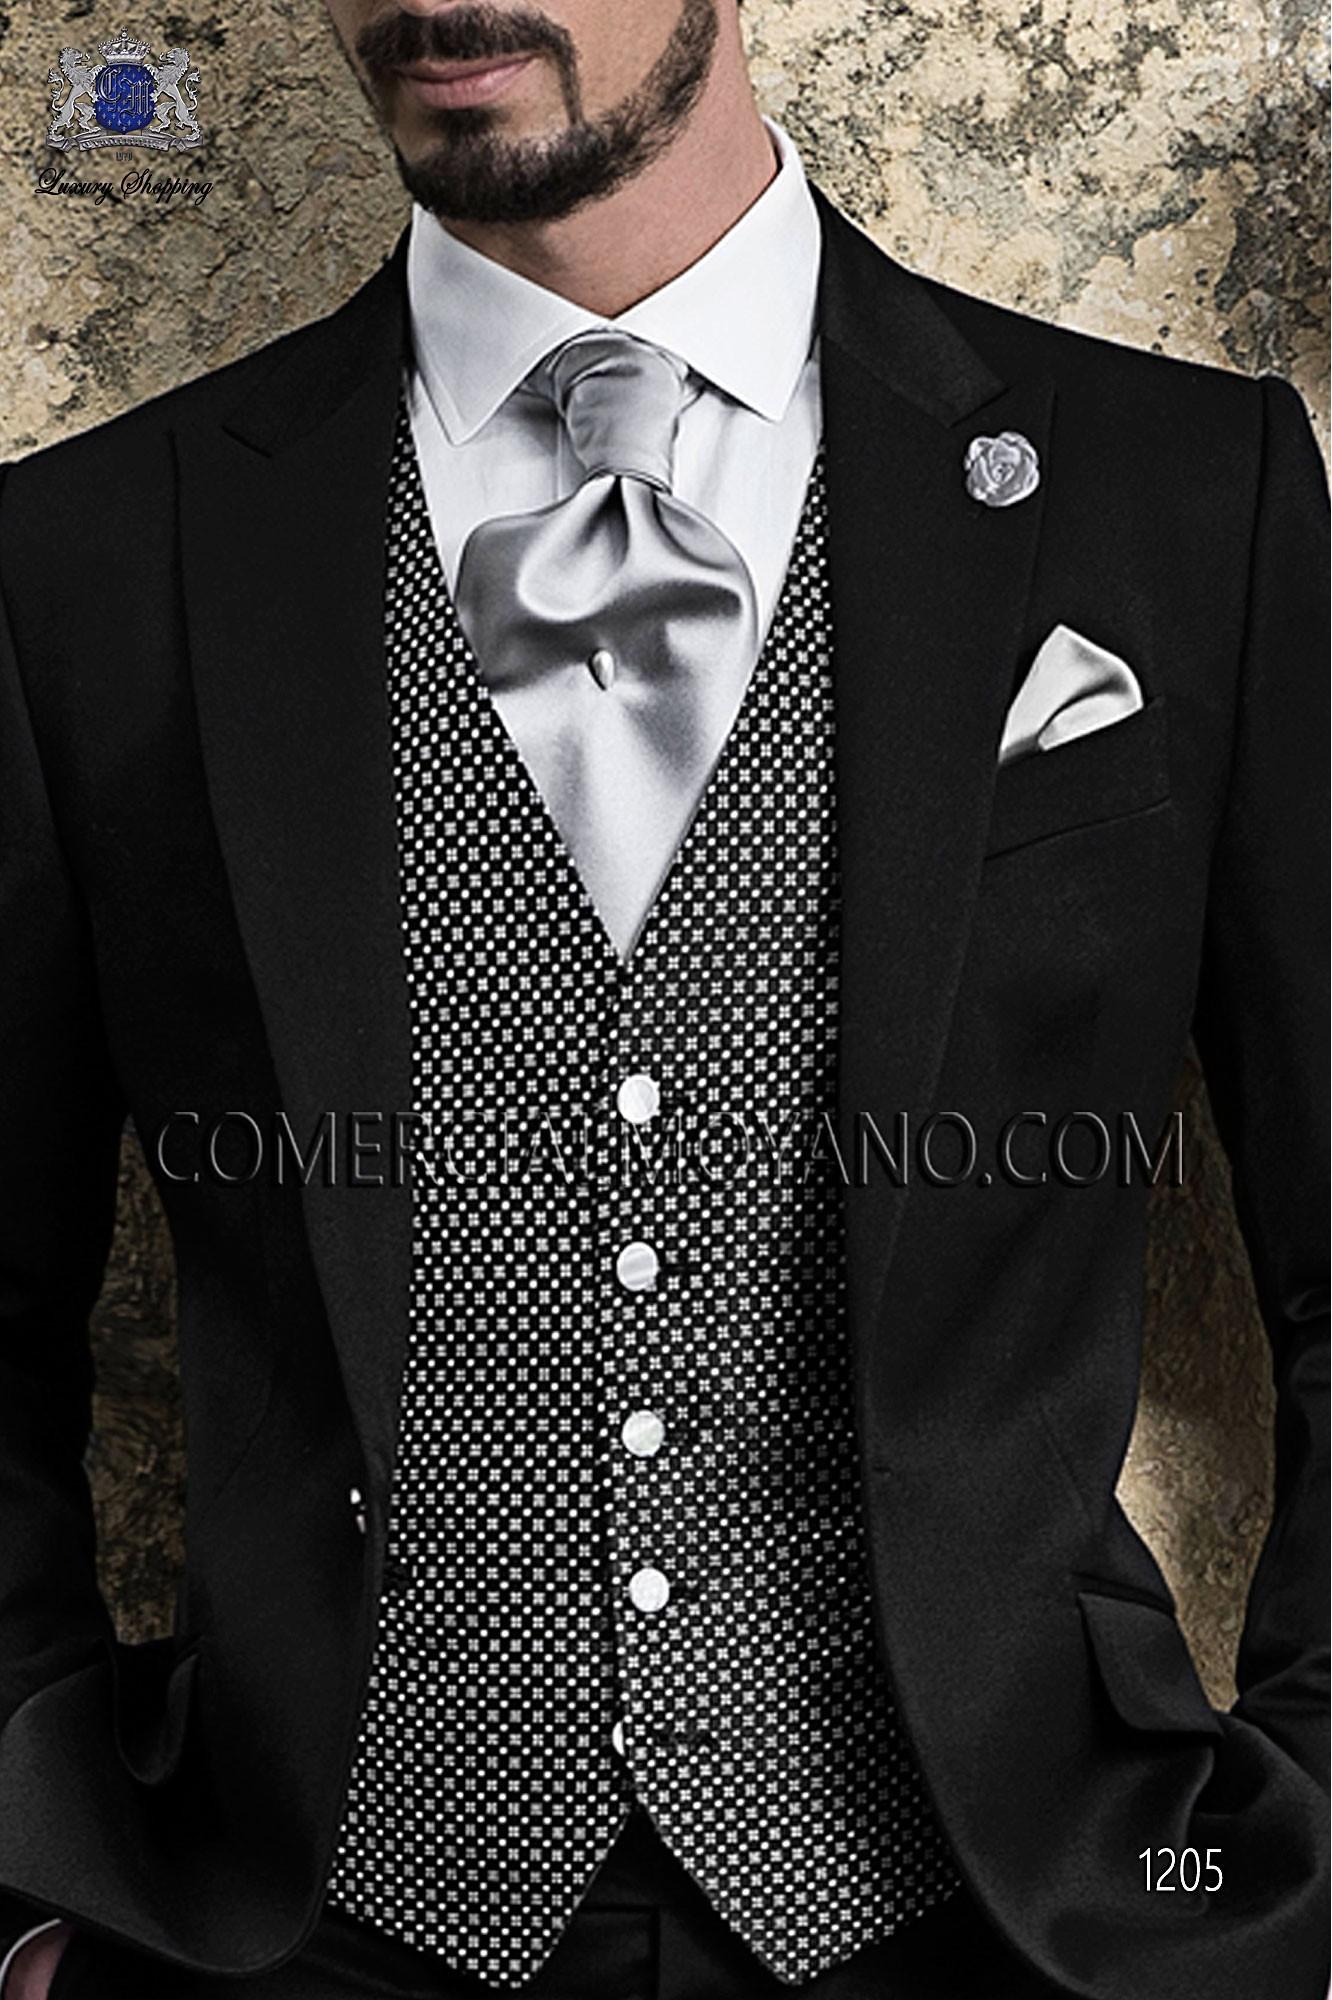 Traje Gentleman de novio negro modelo: 1205 Ottavio Nuccio Gala colección Gentleman